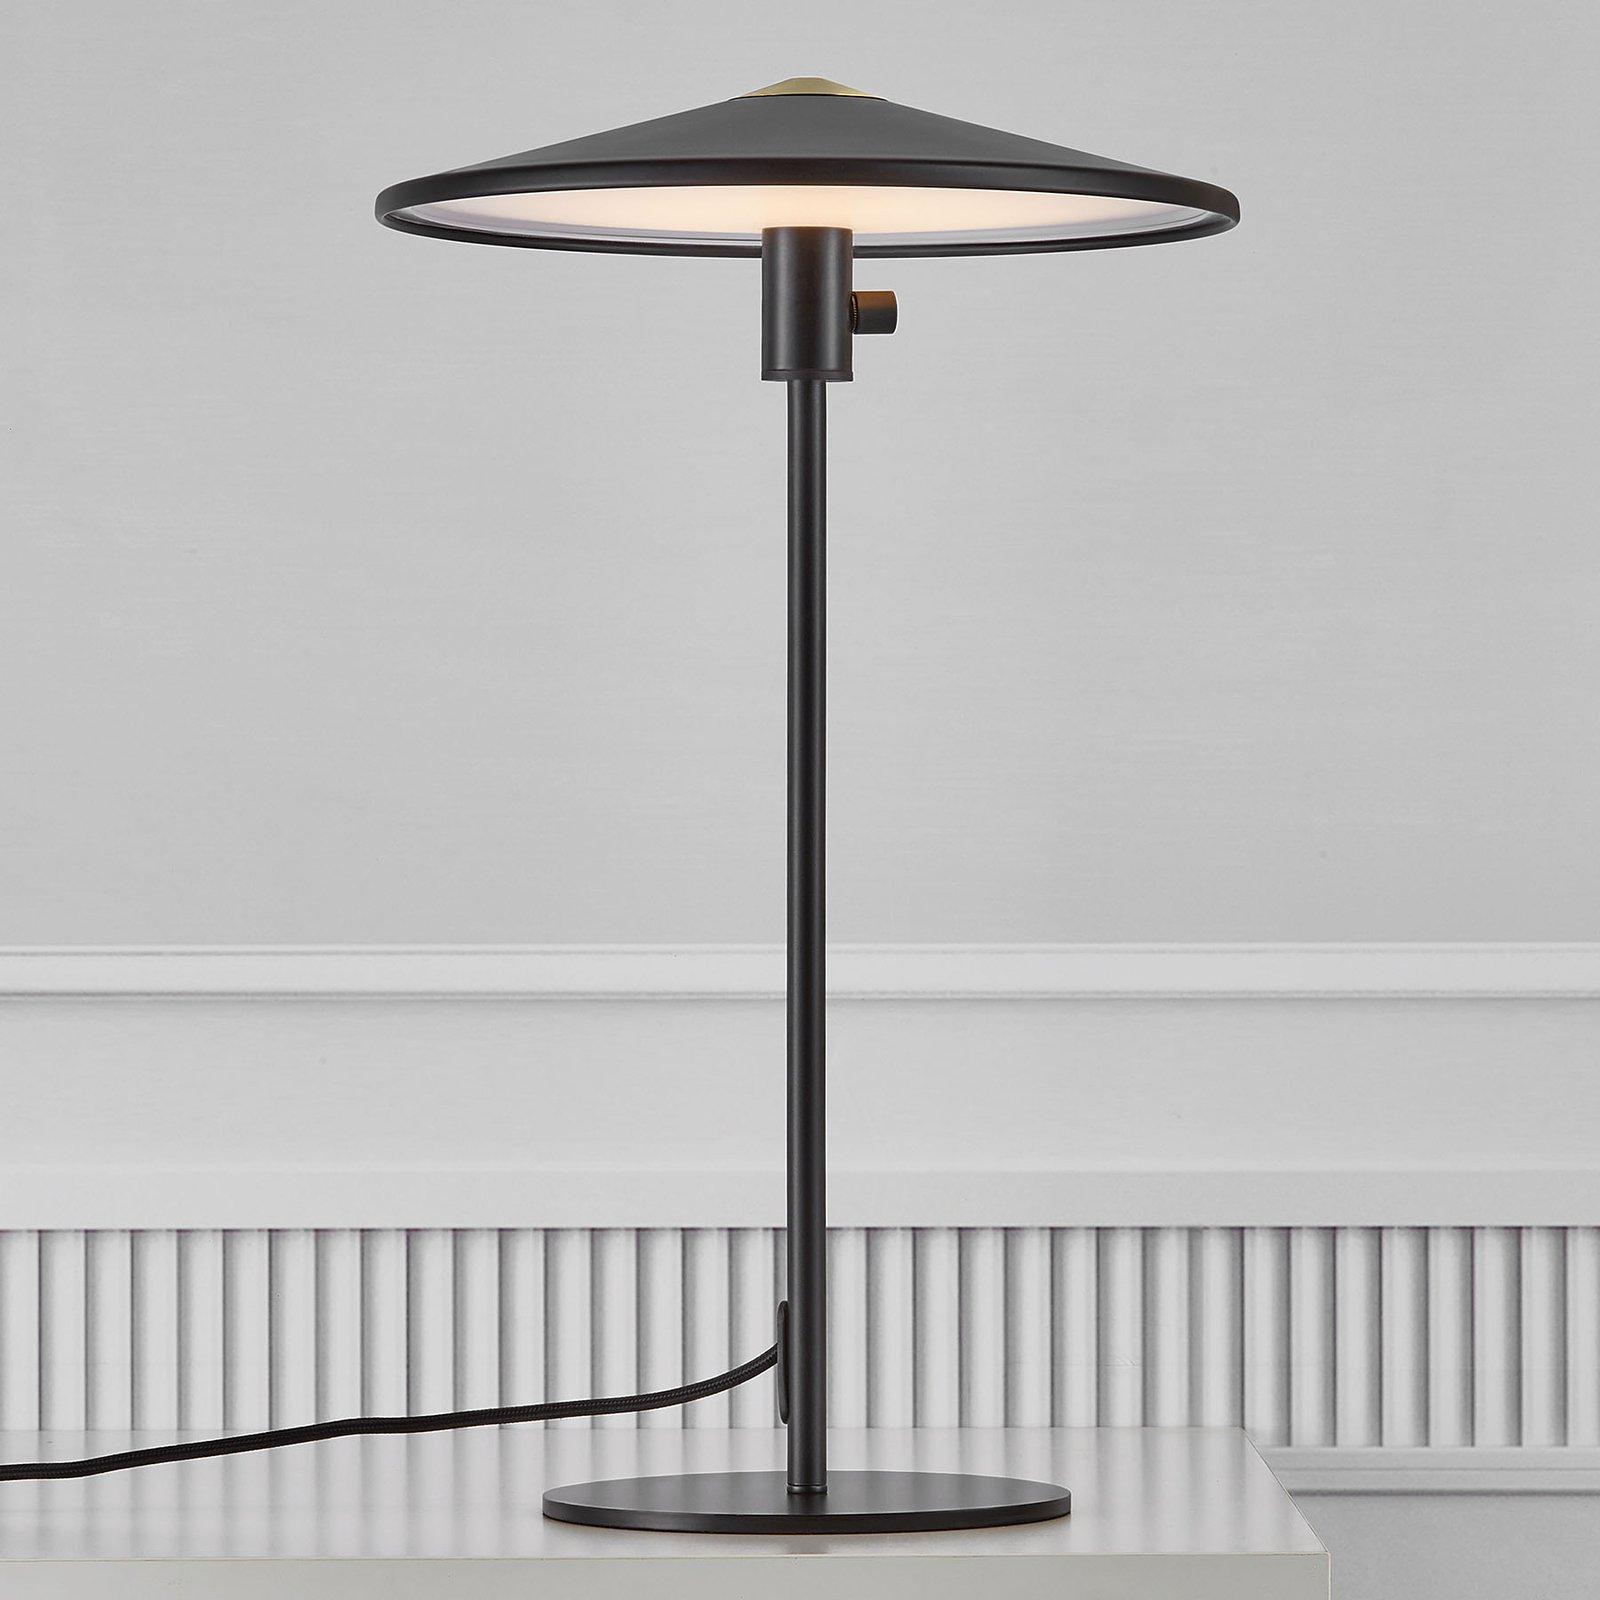 LED-bordlampe Balance, integrert dimmer